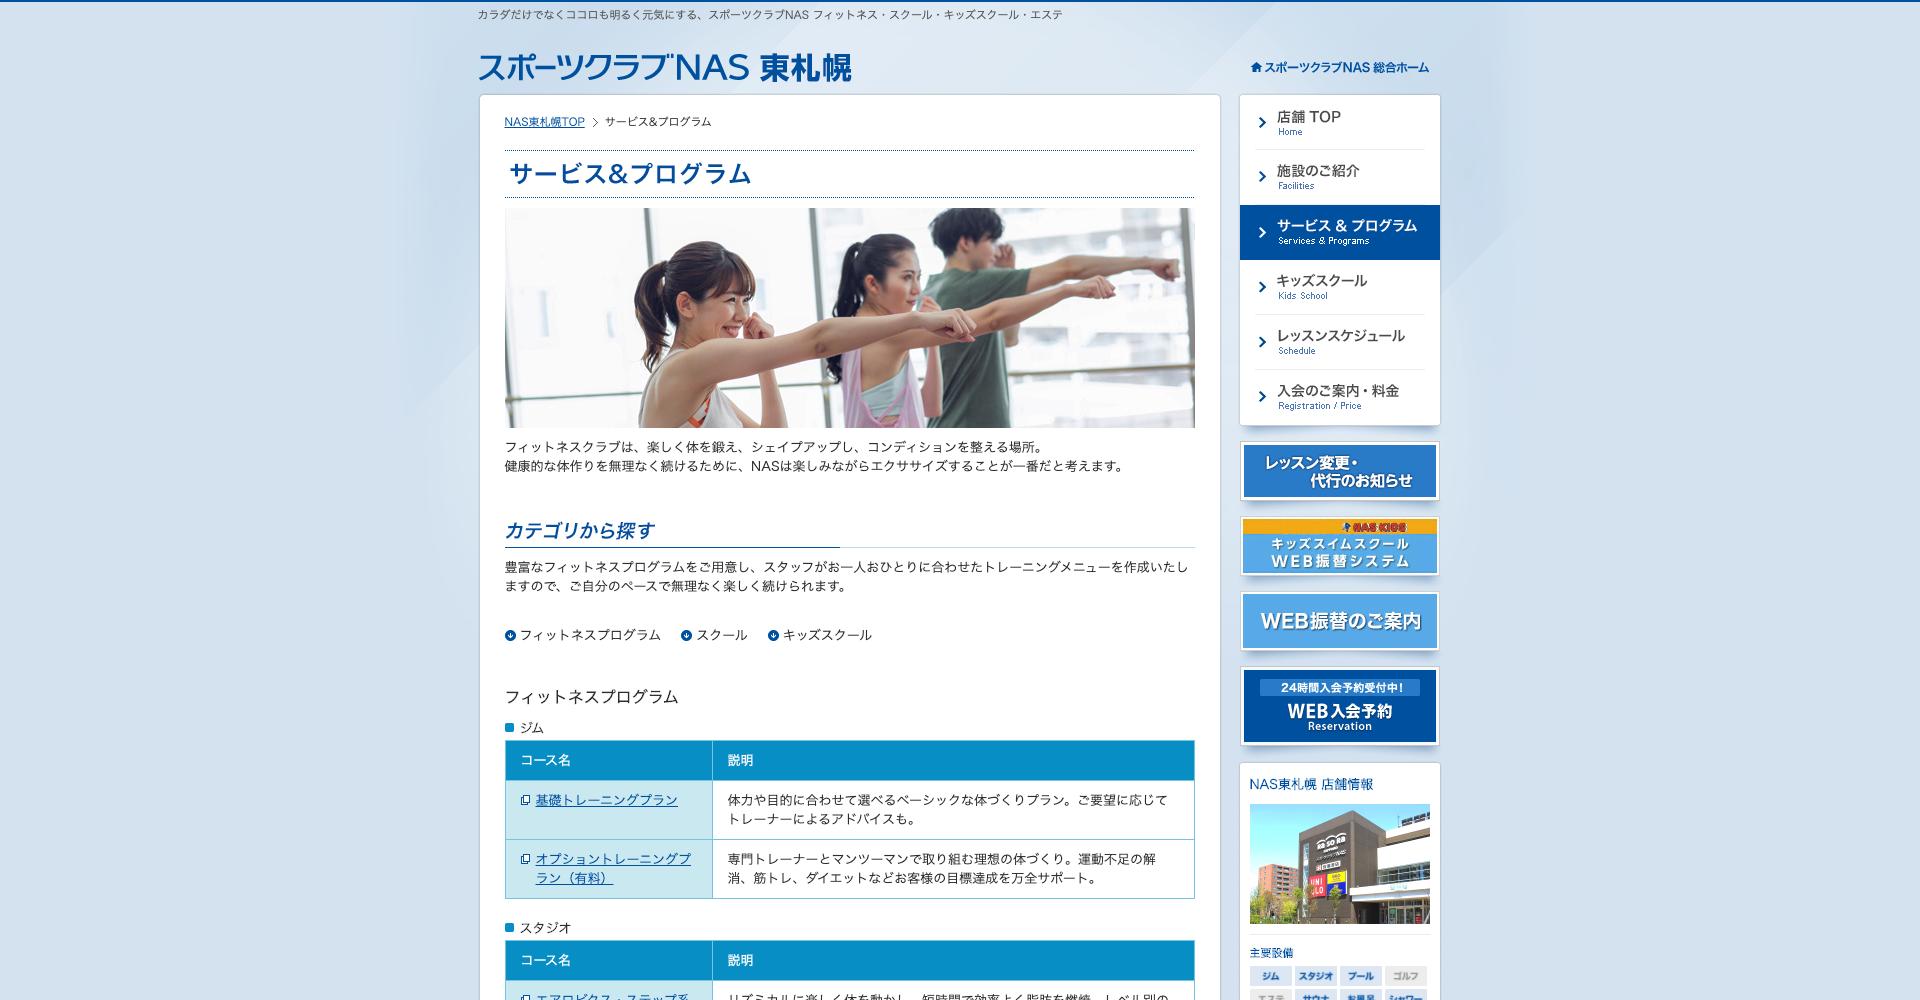 スポーツクラブNAS東札幌